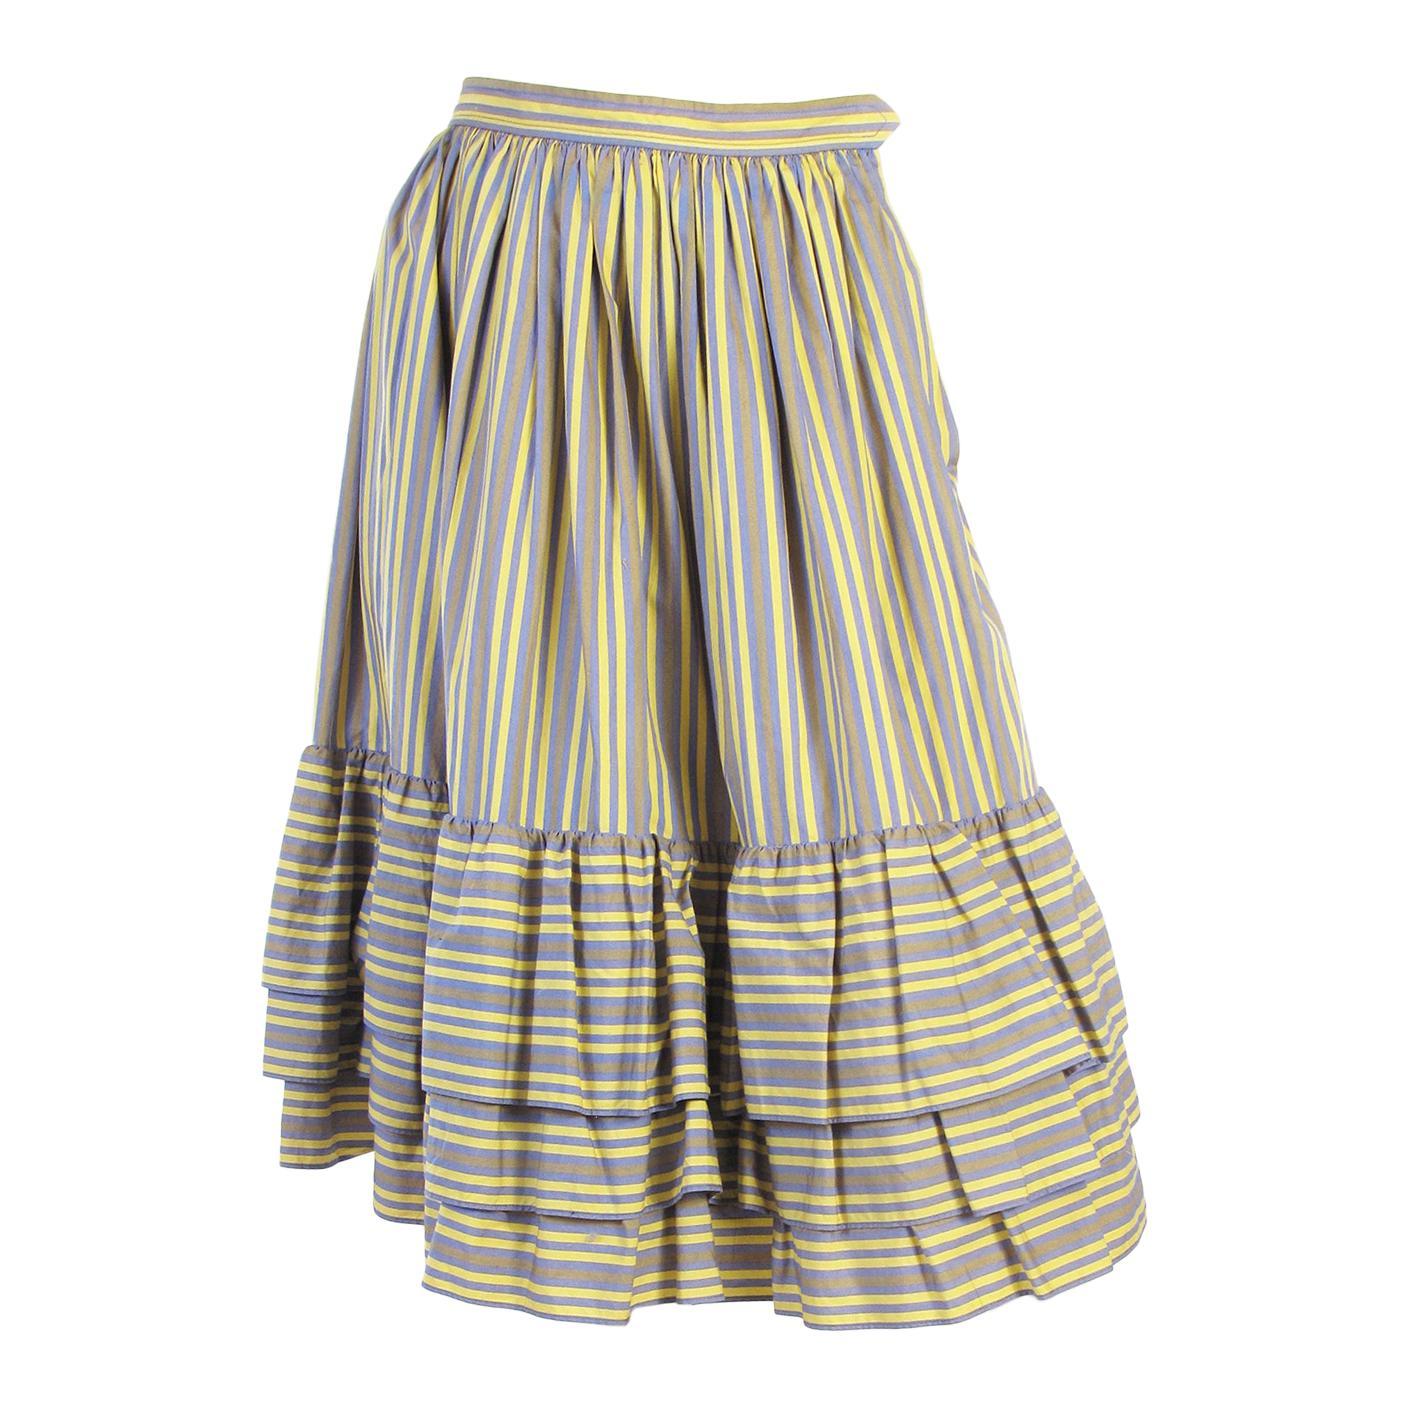 Yves Saint Laurent Cotton Striped Skirt, 1980s